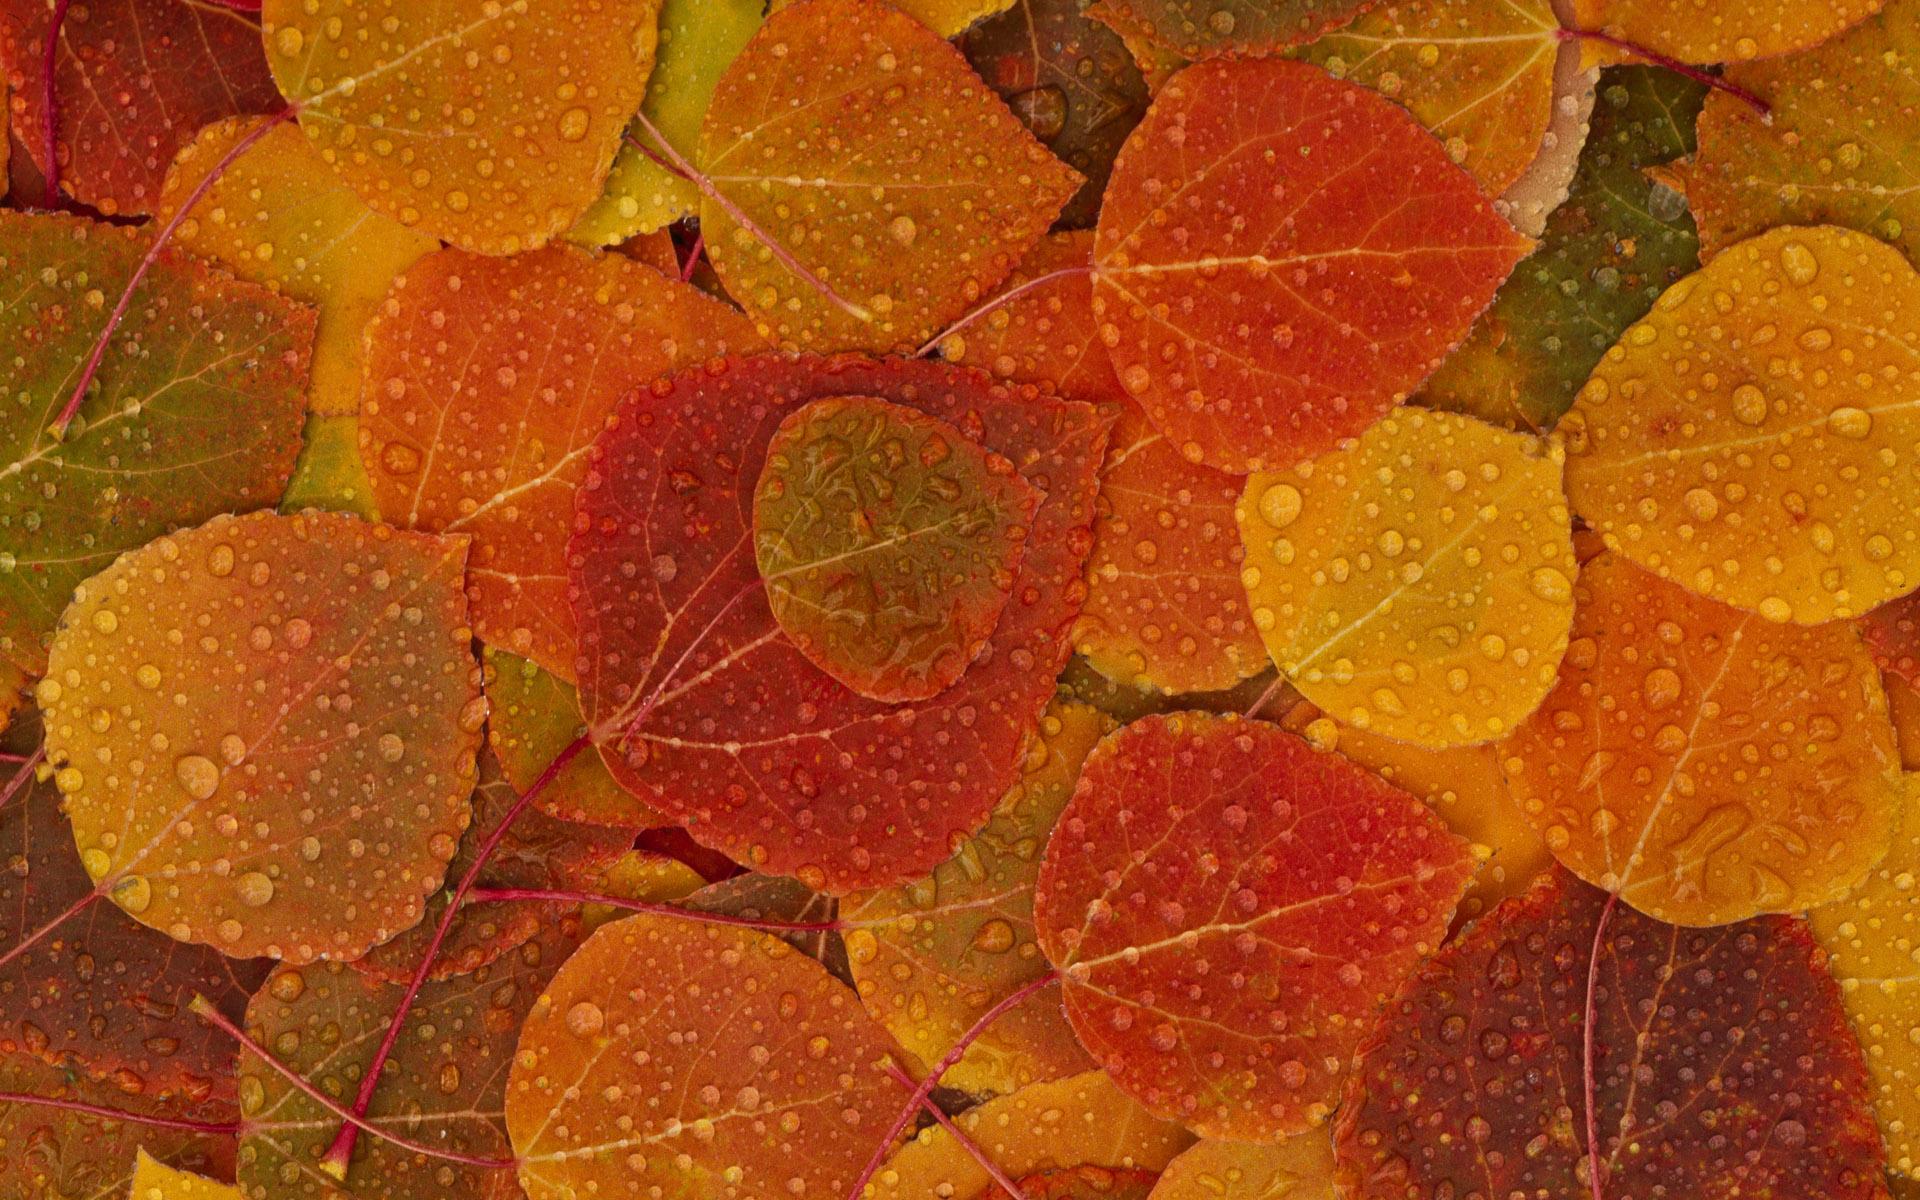 Осенние картинки на фон телефона